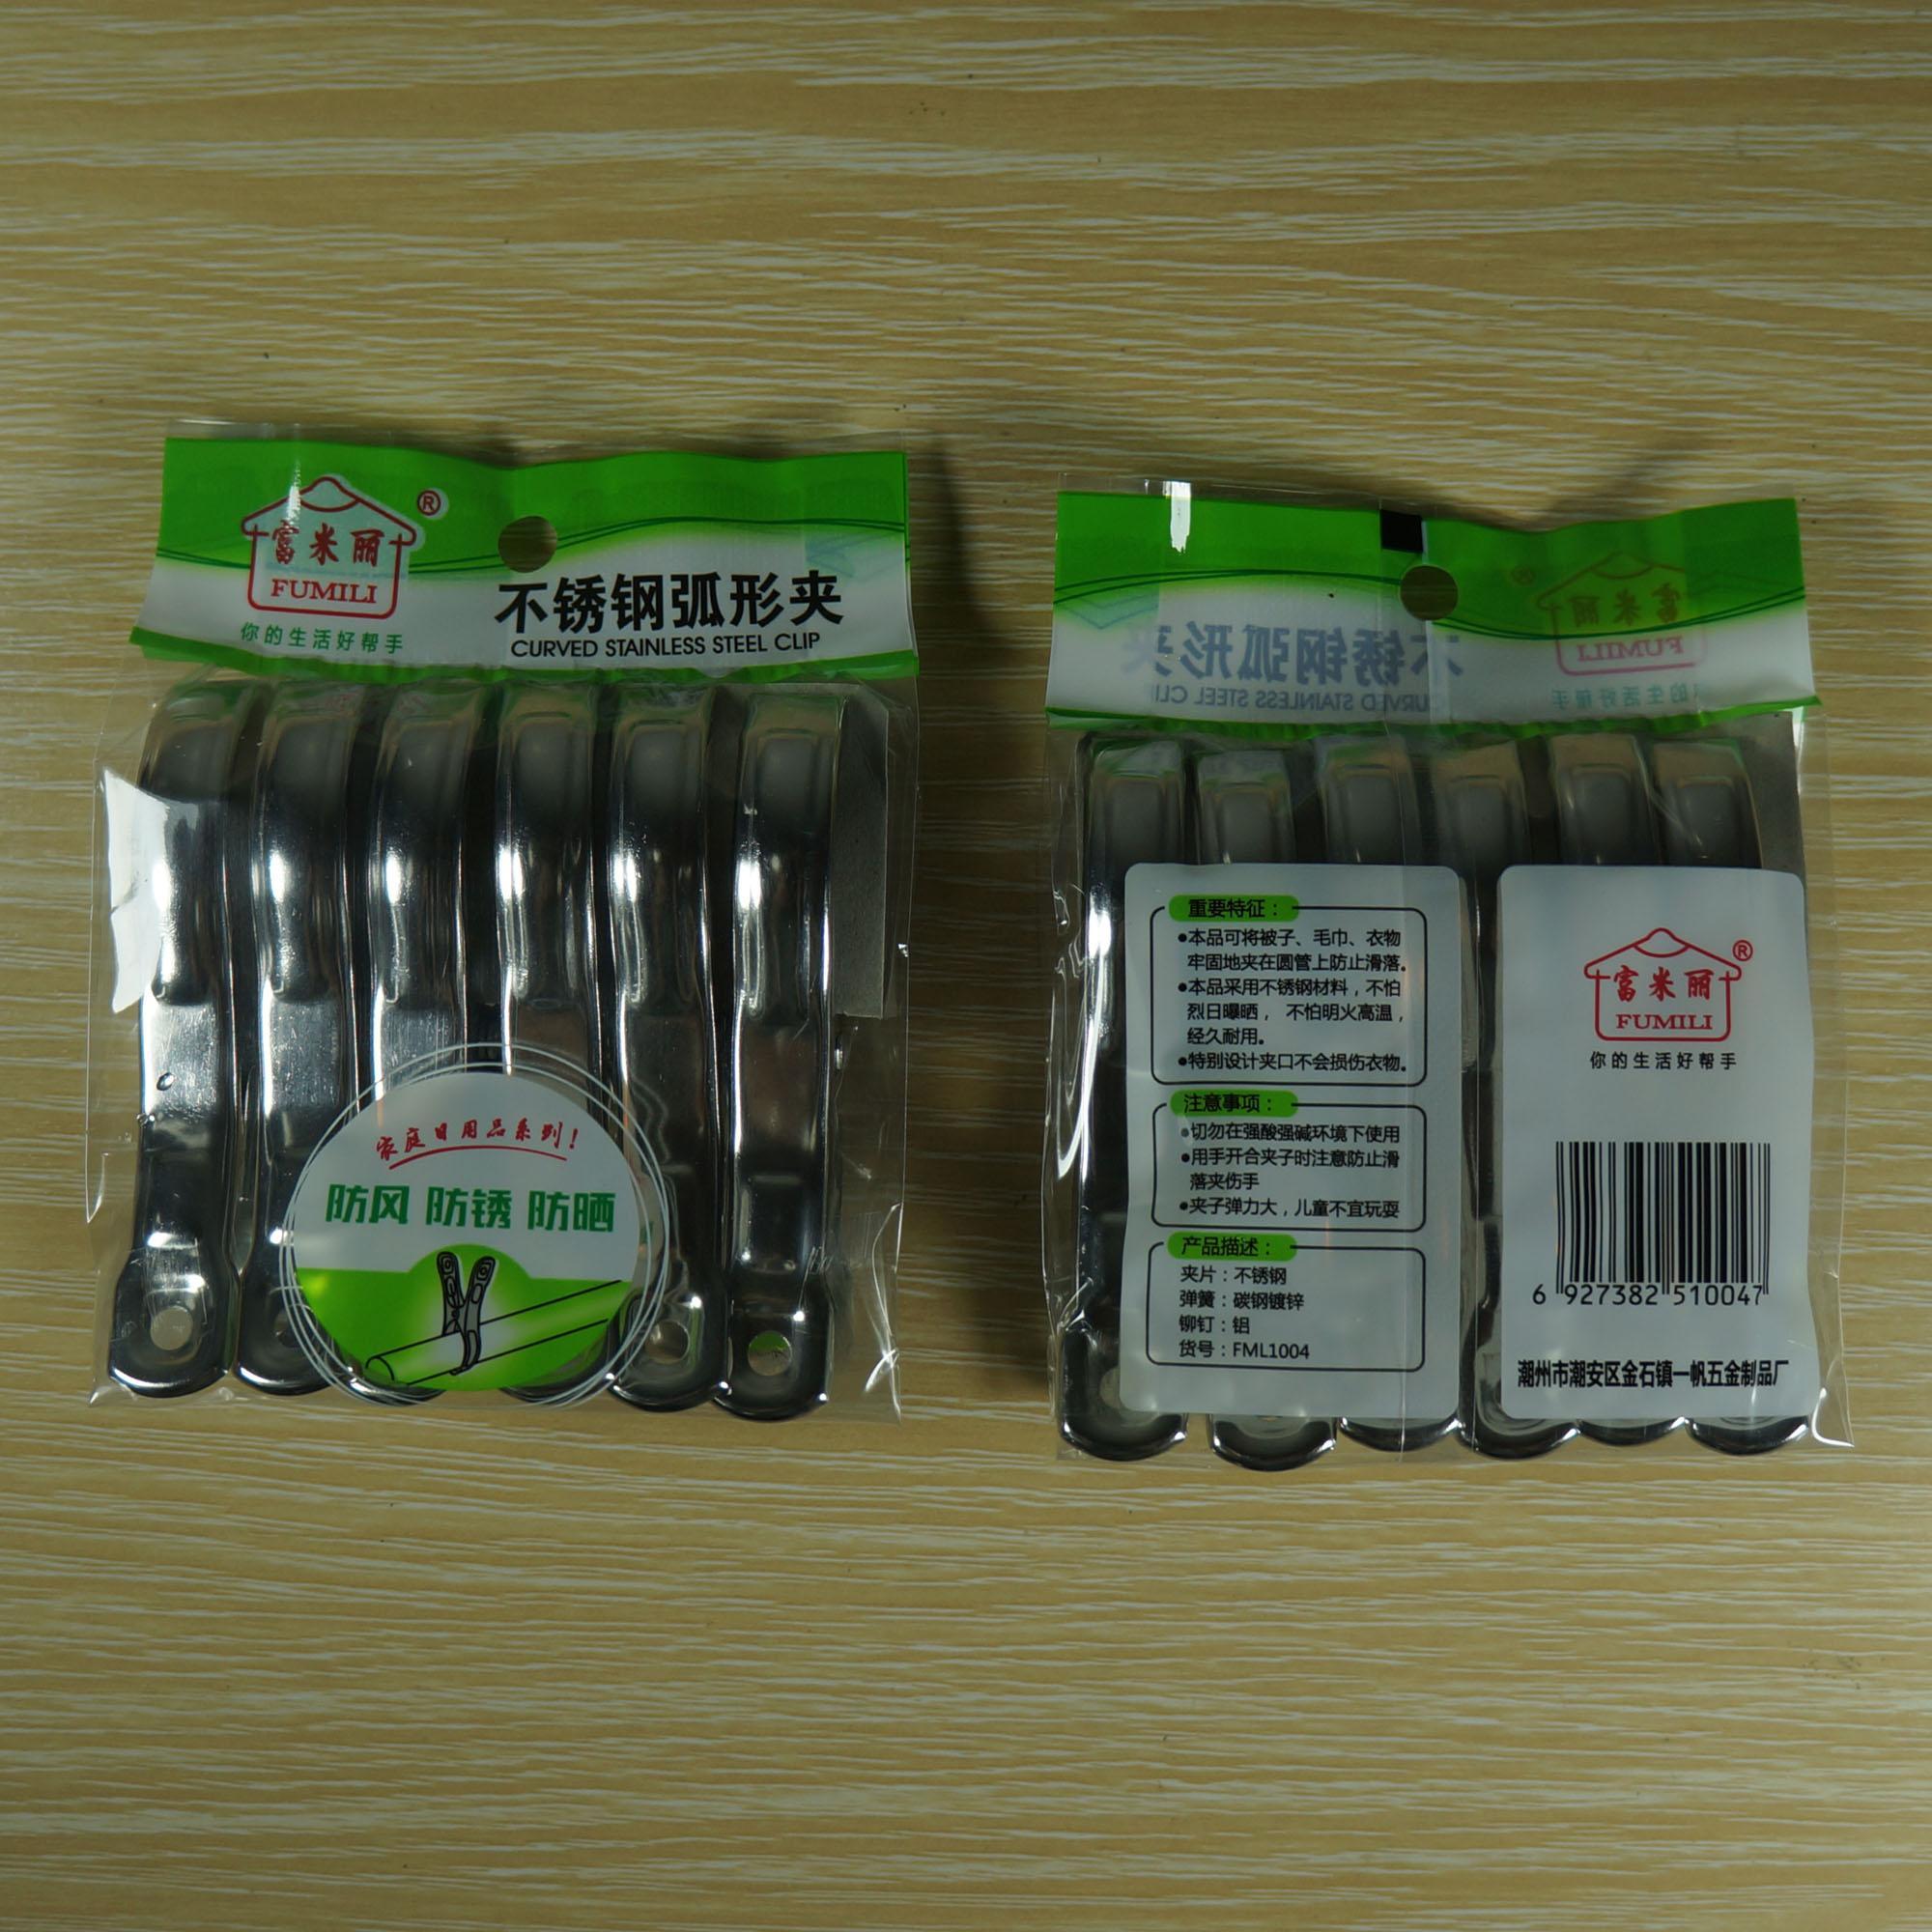 工廠直銷 富米麗 不鏽鋼弧形棉被夾 衣夾(L)彩卡包裝 1